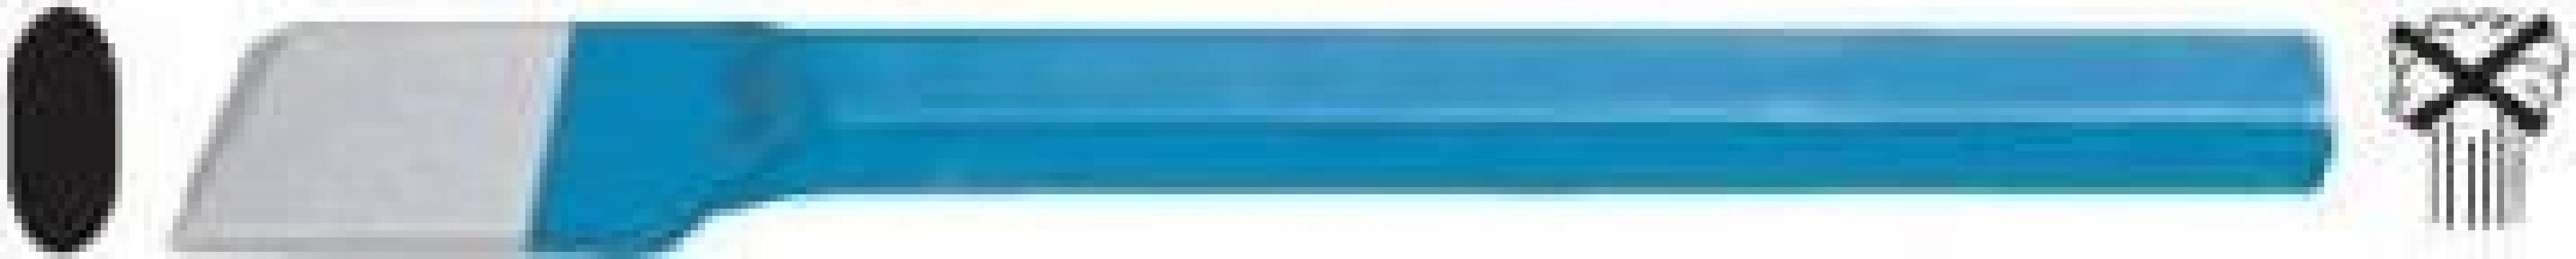 Dalta plata 1408-011 de la Nascom Invest